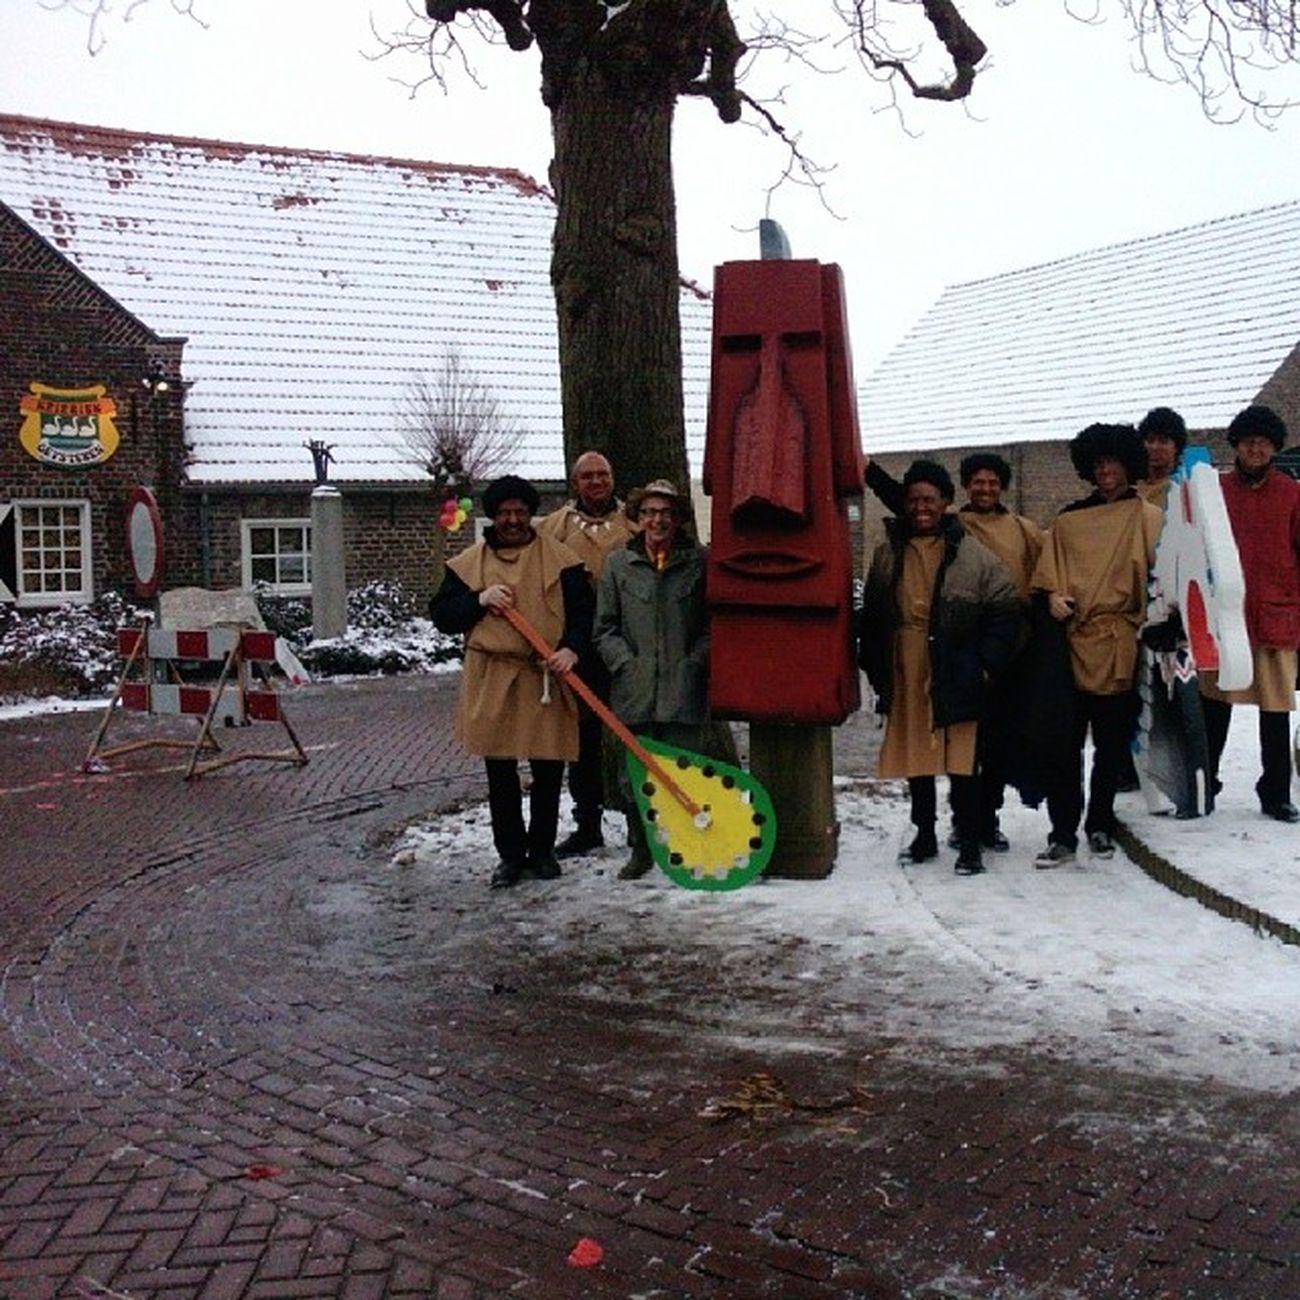 Geijsteren Limburg